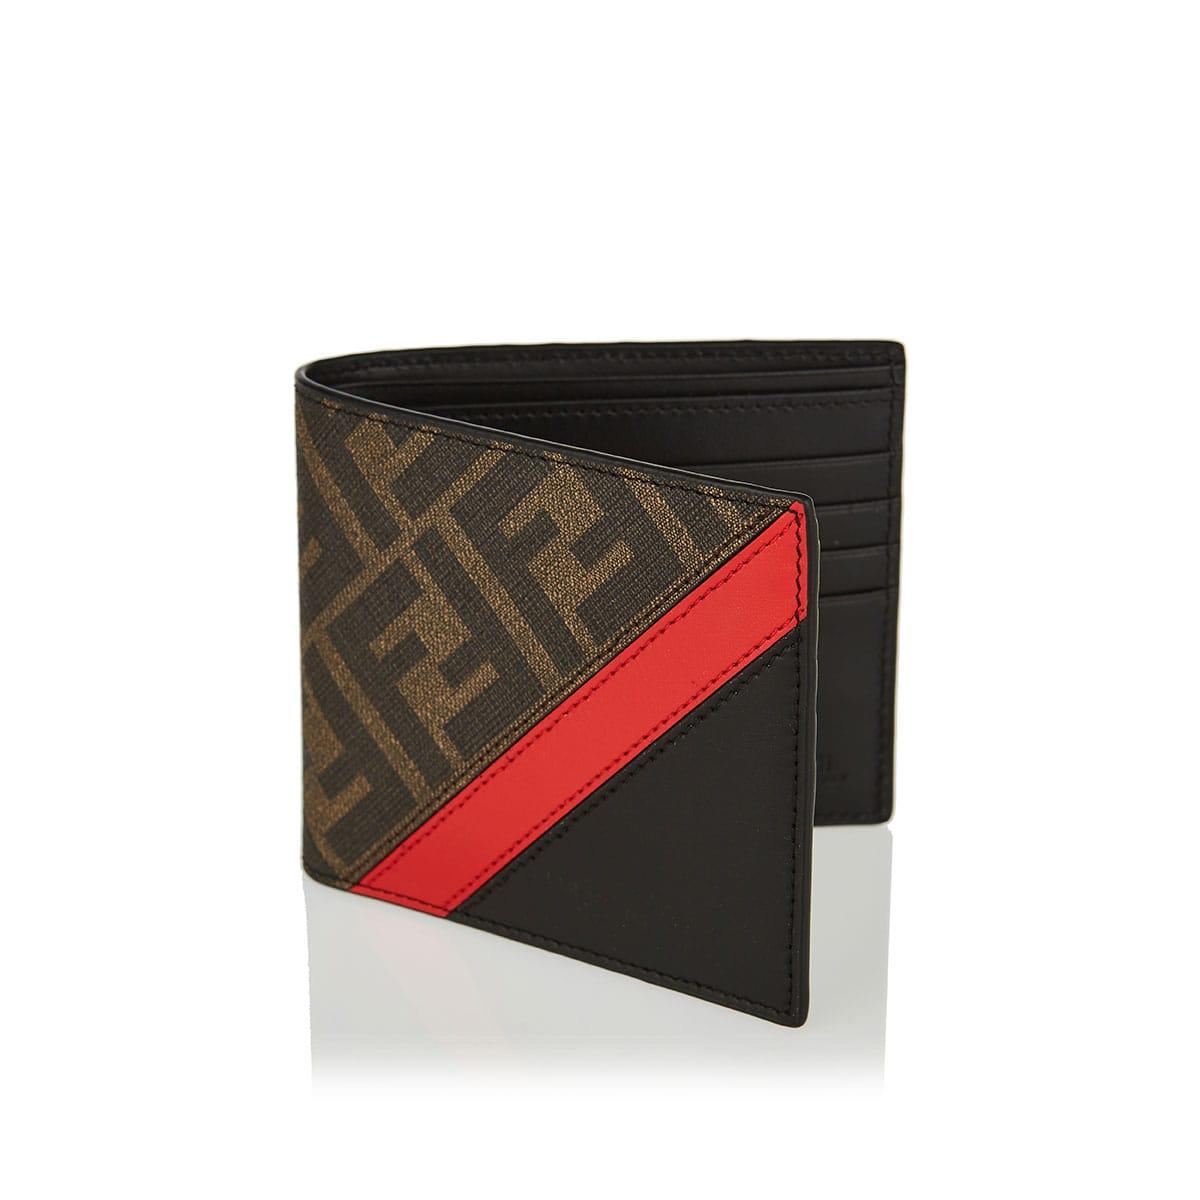 FF bi-fold wallet